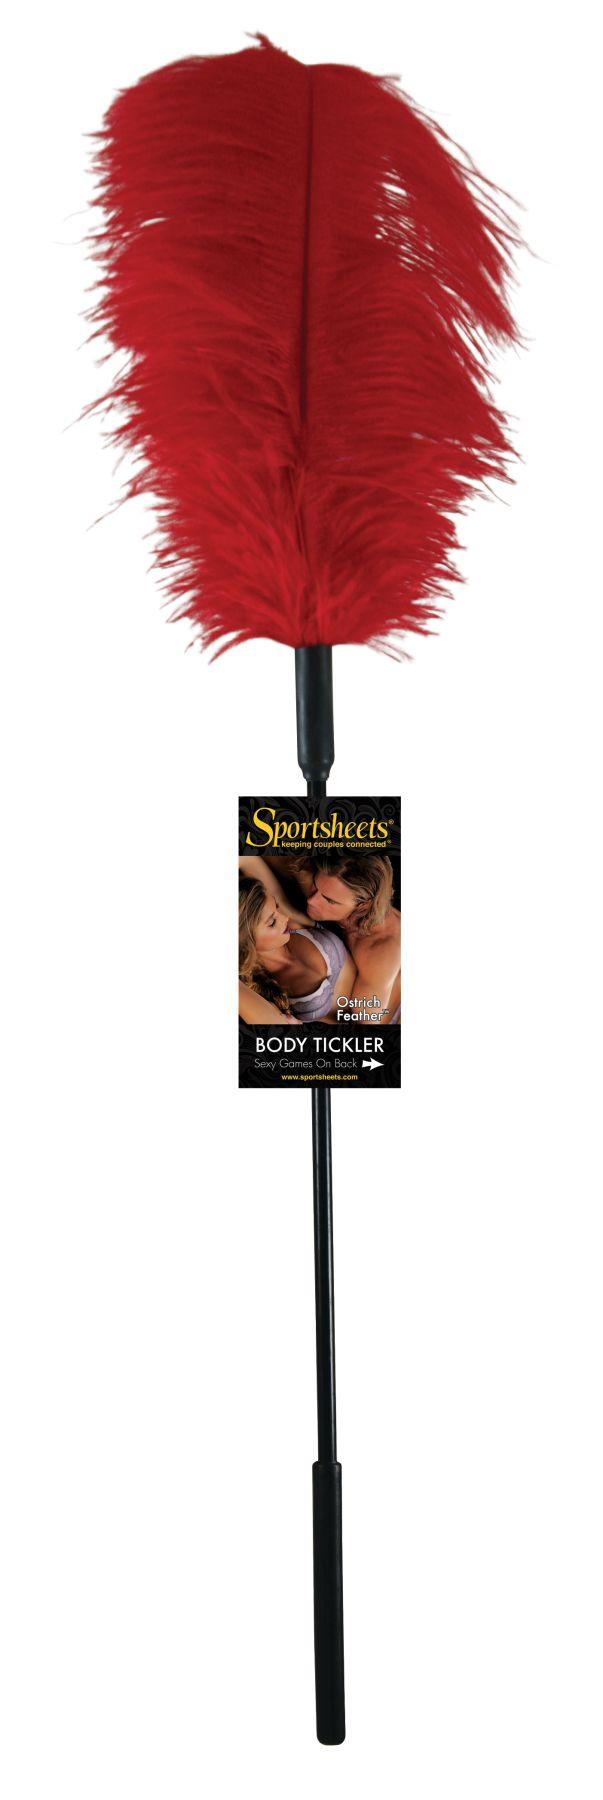 БДСМ метелочки и щекоталочки - Щекоталка с пером страуса Sportsheets Ostrich Tickler Красная 1